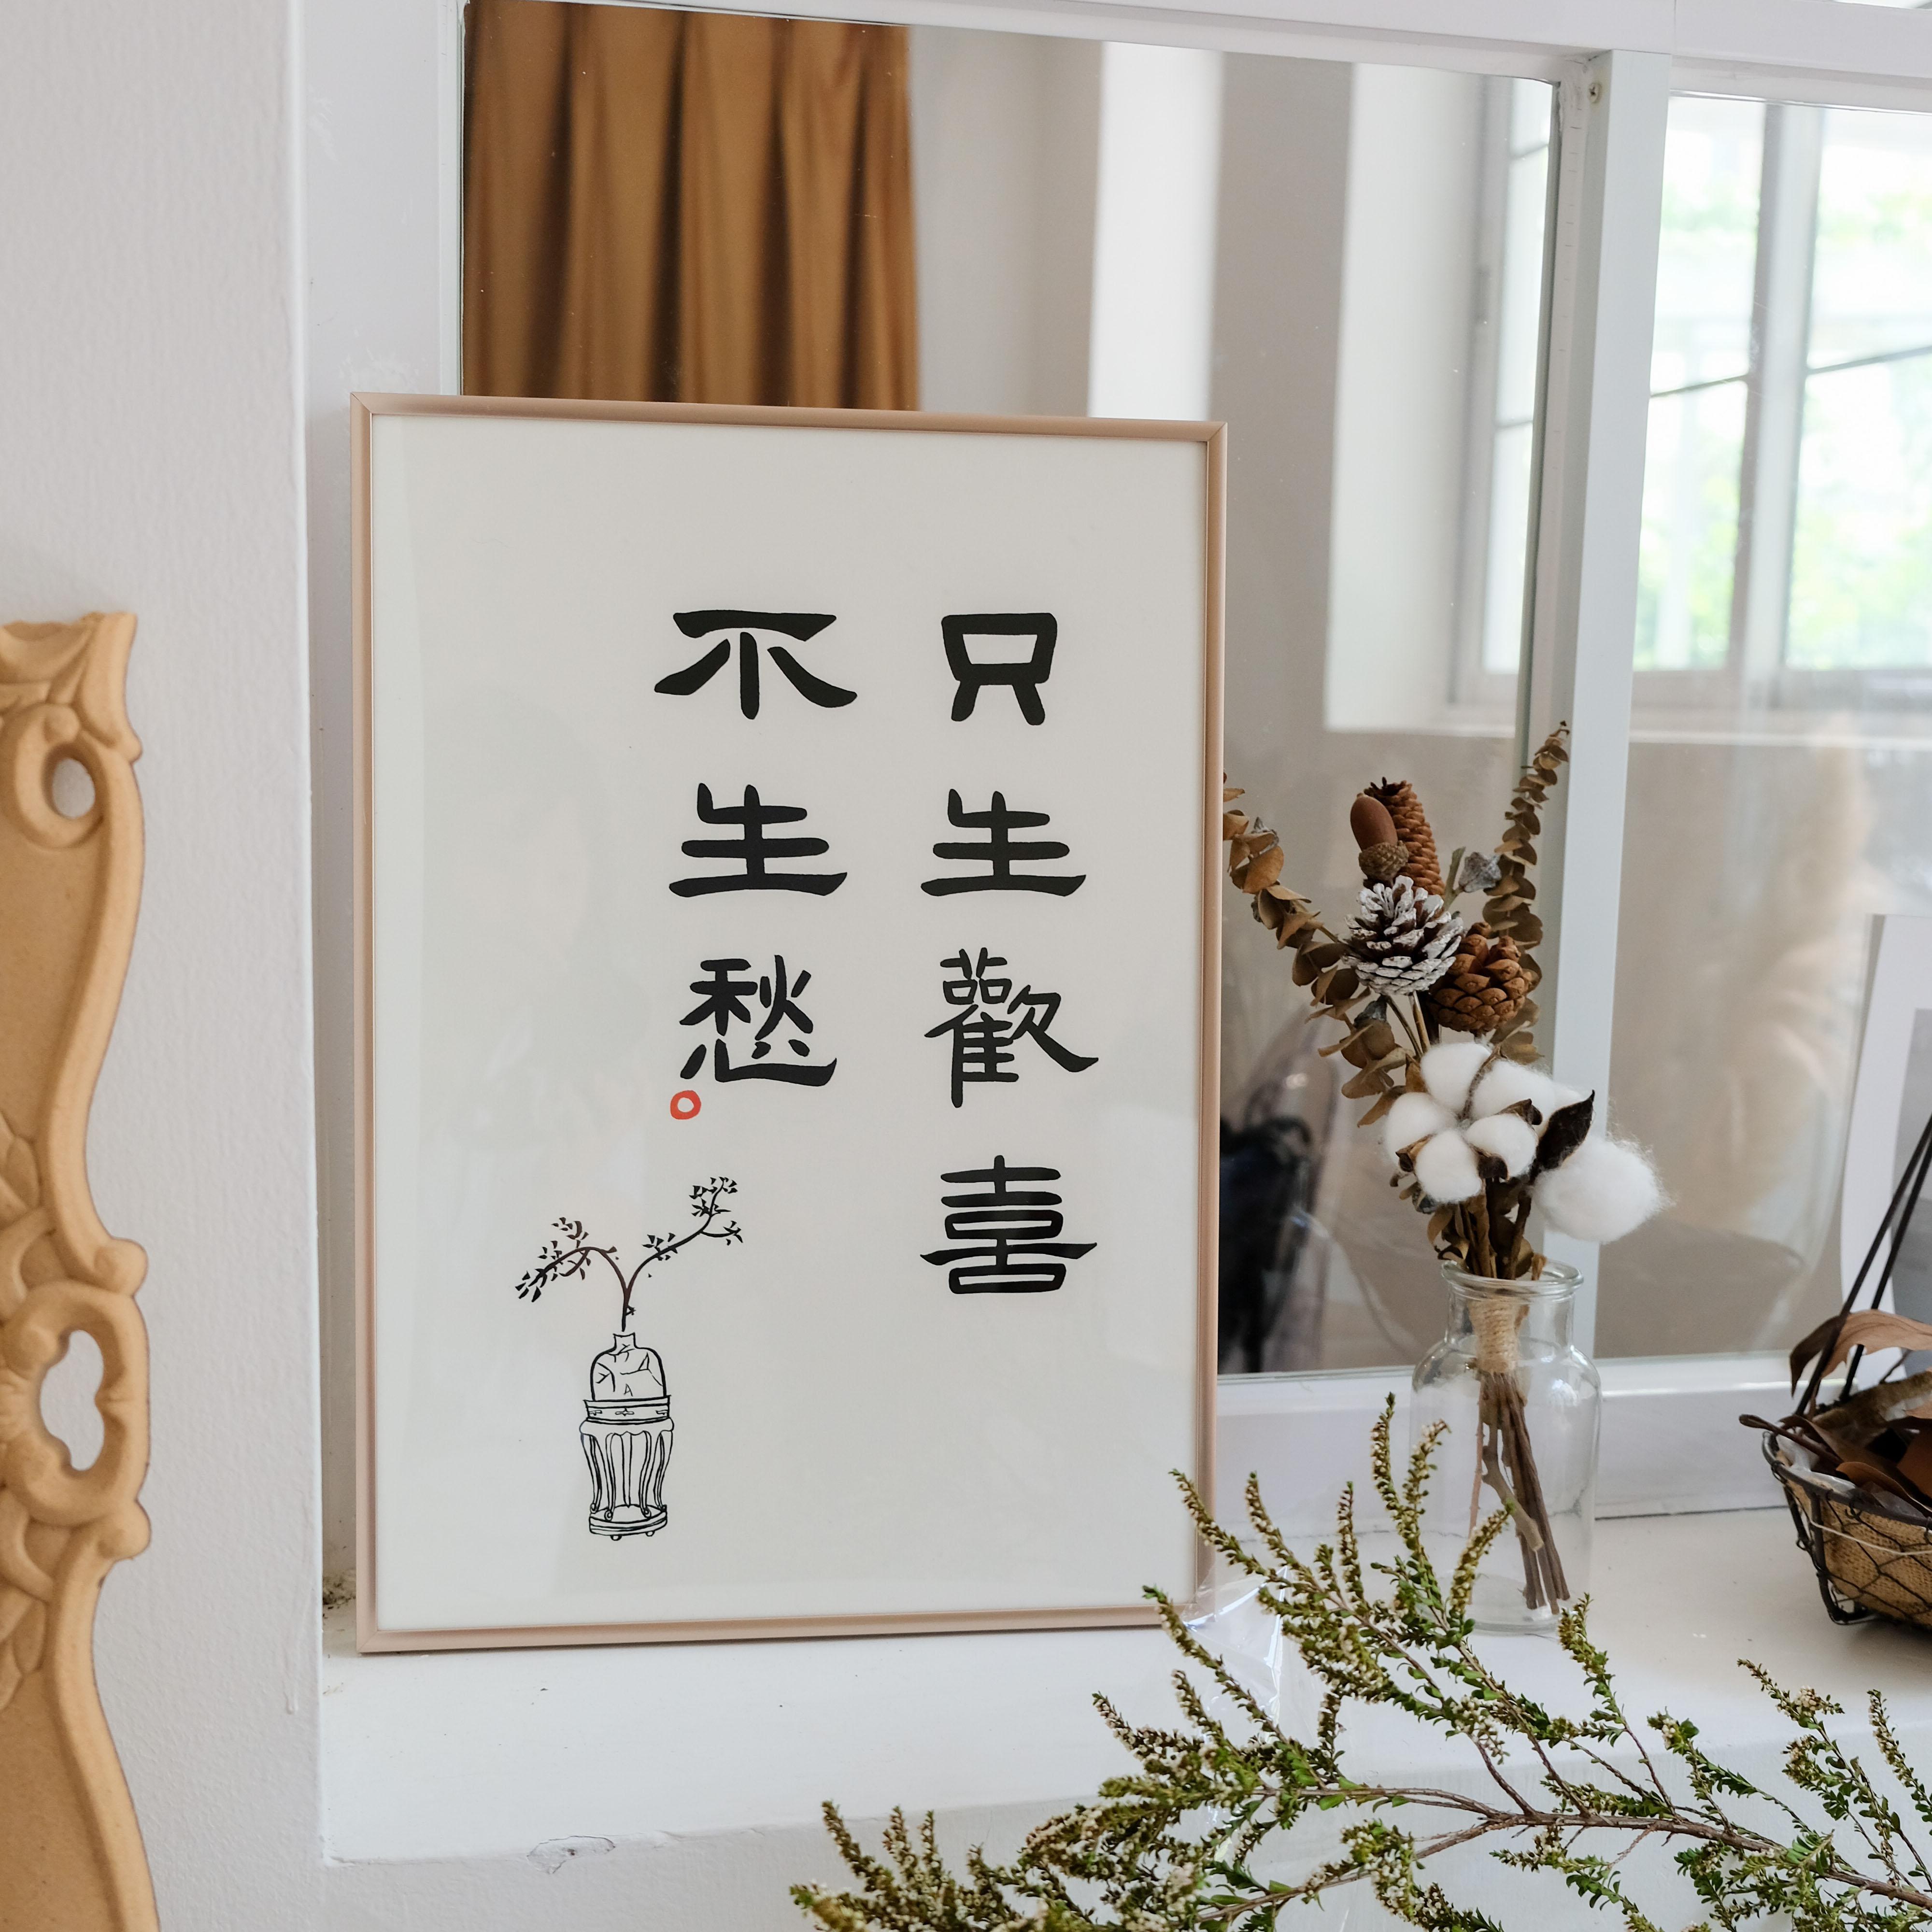 只生欢喜不生愁日式客厅装饰画手写中式书法字画玄关卧室餐厅挂画